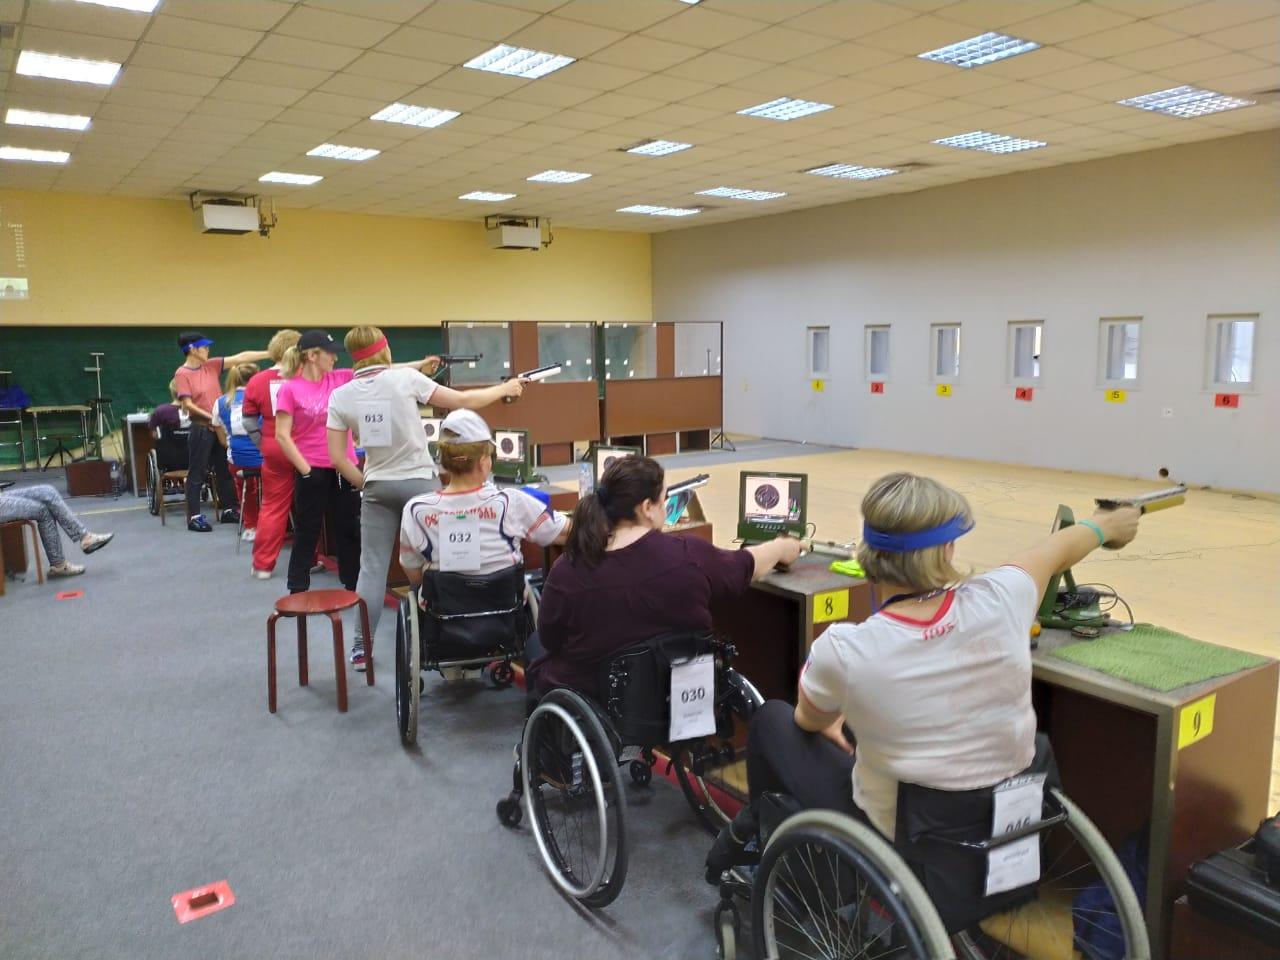 В Краснодаре завершились Кубок и первенство России по пулевой стрельбе спорта лиц с ПОДА